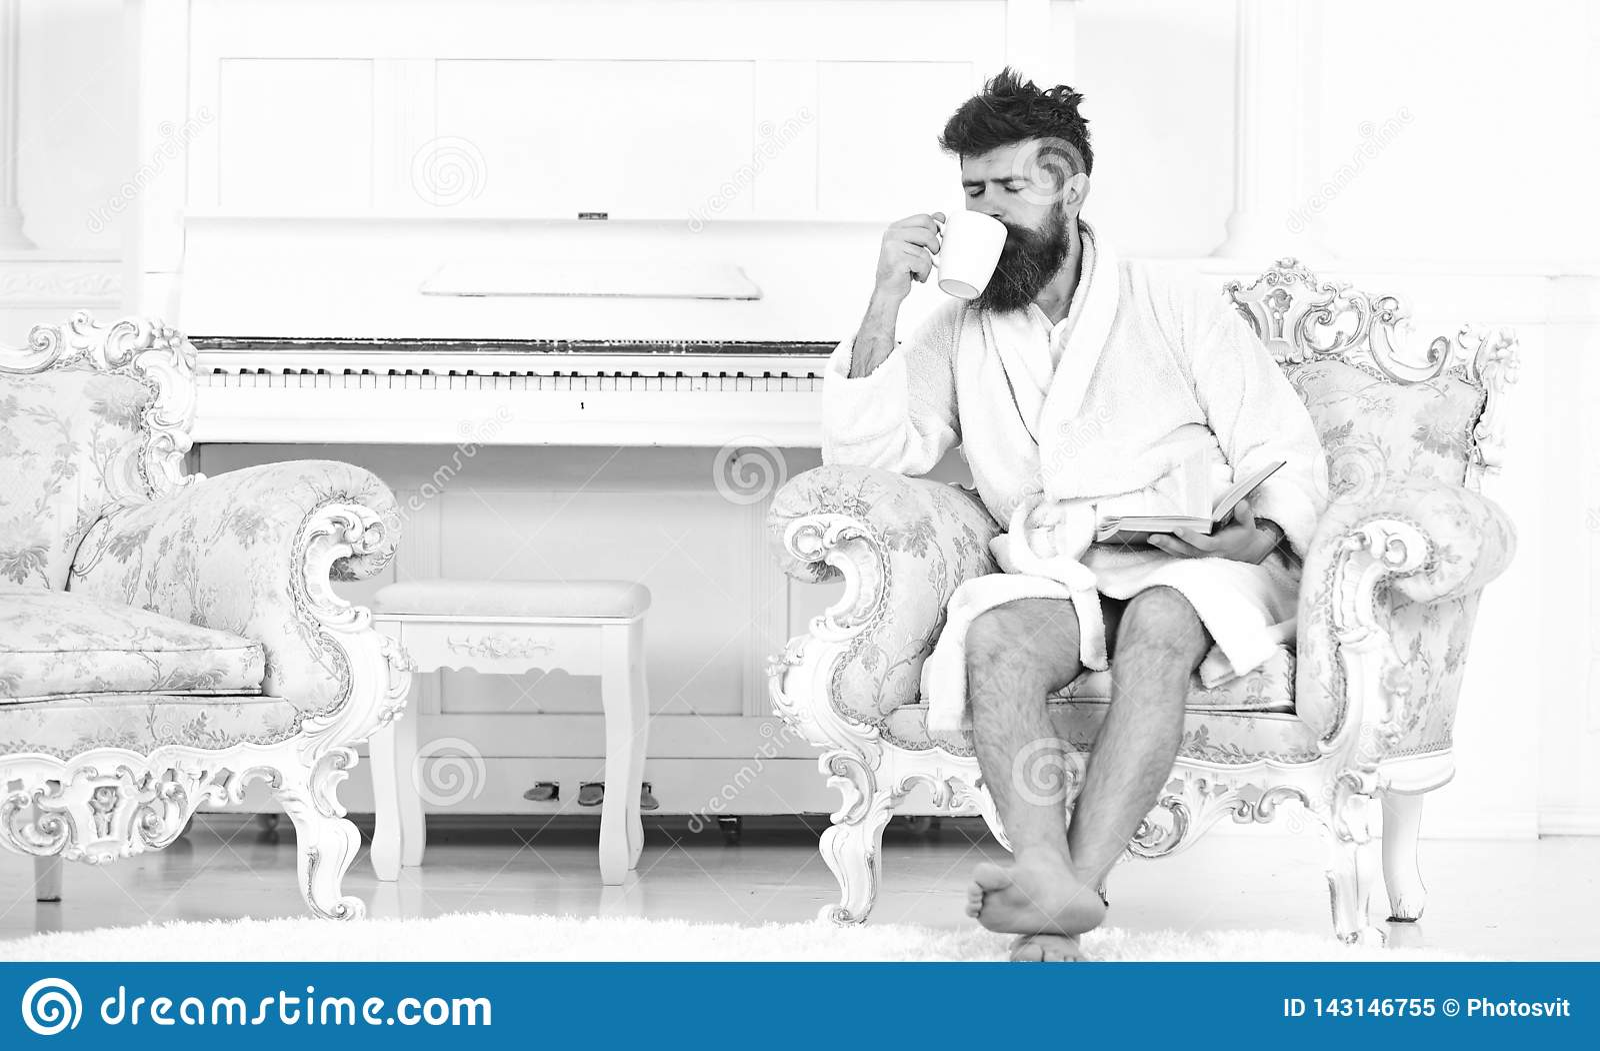 Mężczyzna z brodą i wąsy cieszy się ranek podczas gdy siedzący na luksusowym karle Elita czasu wolnego pojęcie Mężczyzna śpiący w